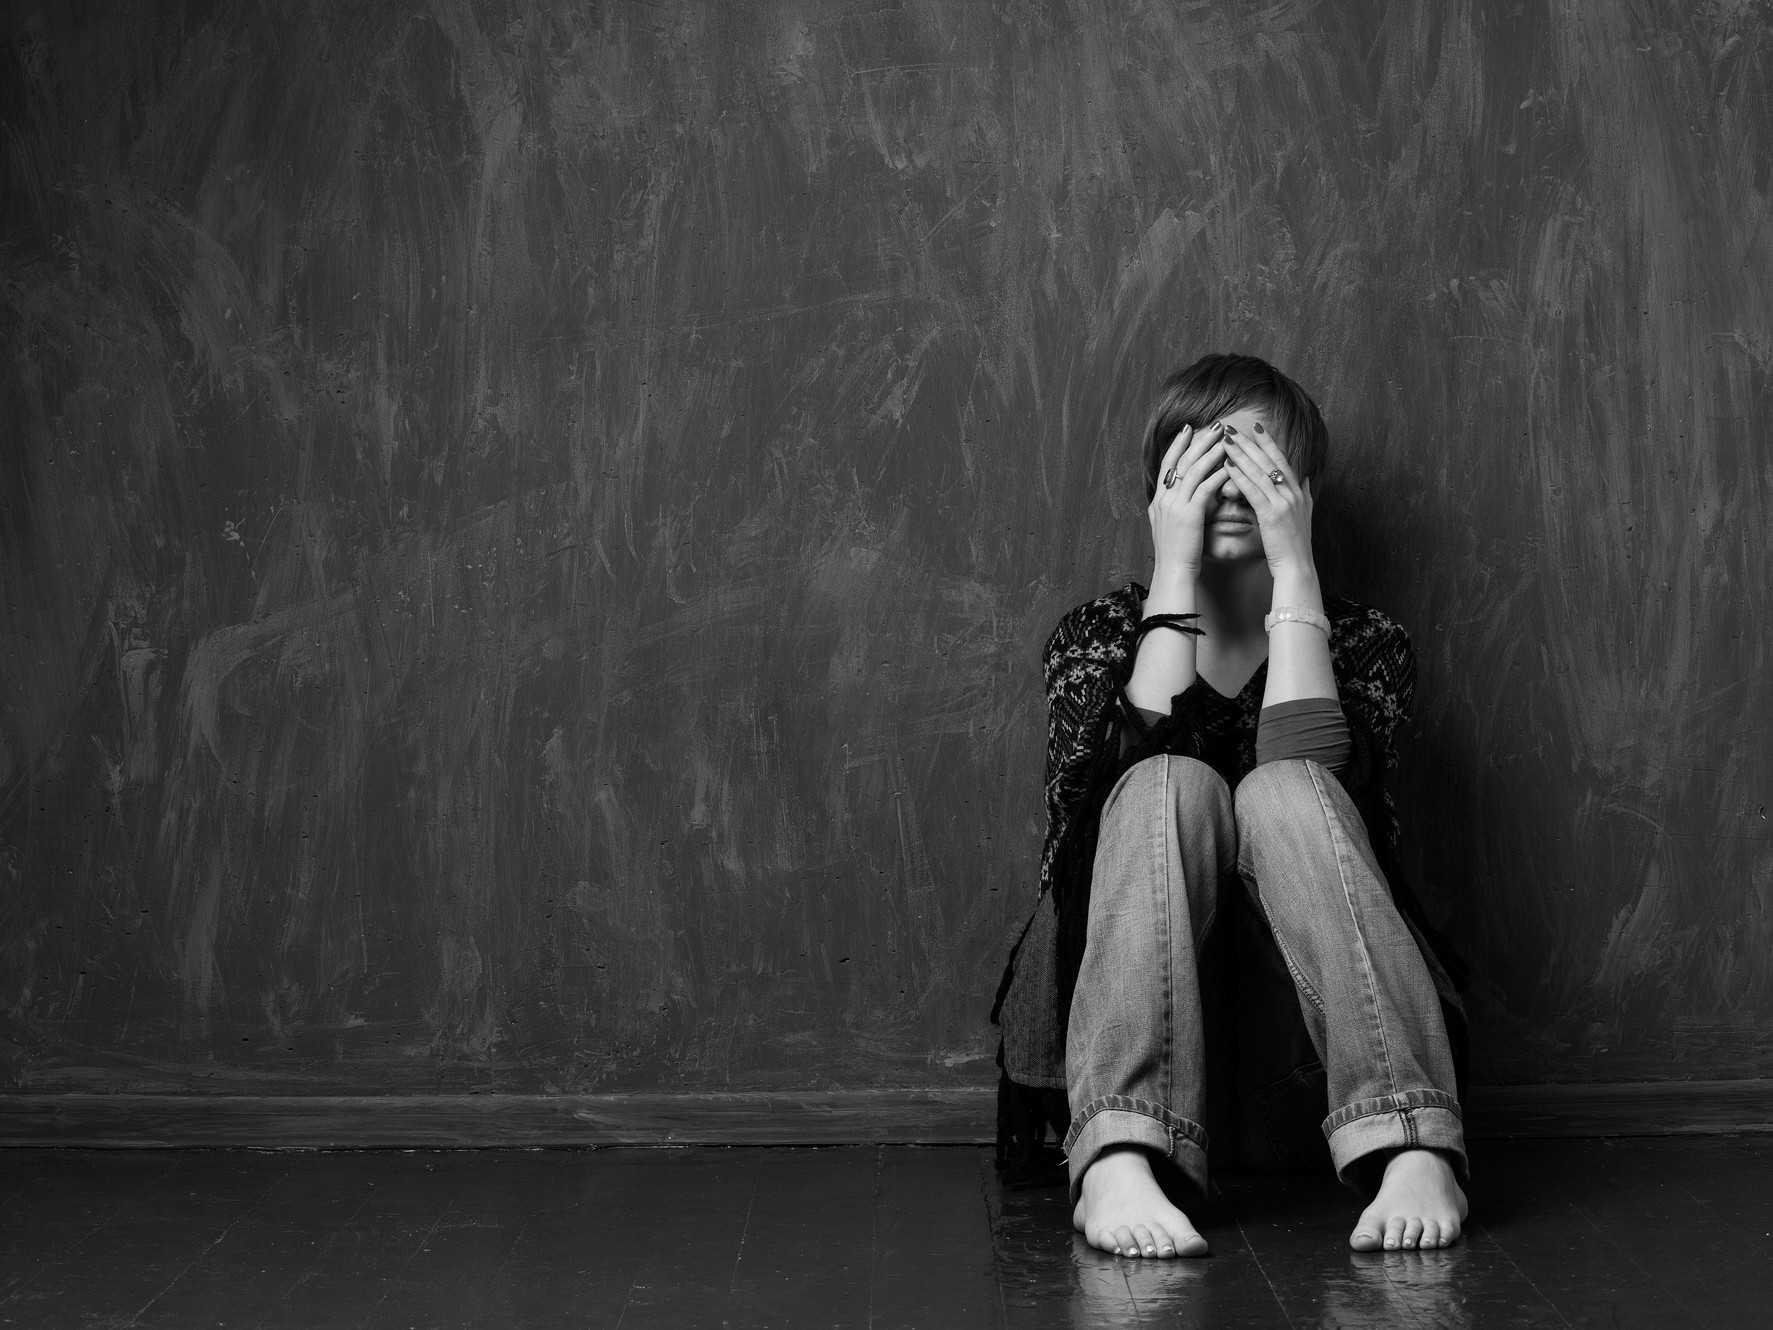 Где могут помочь в случае семейного насилия